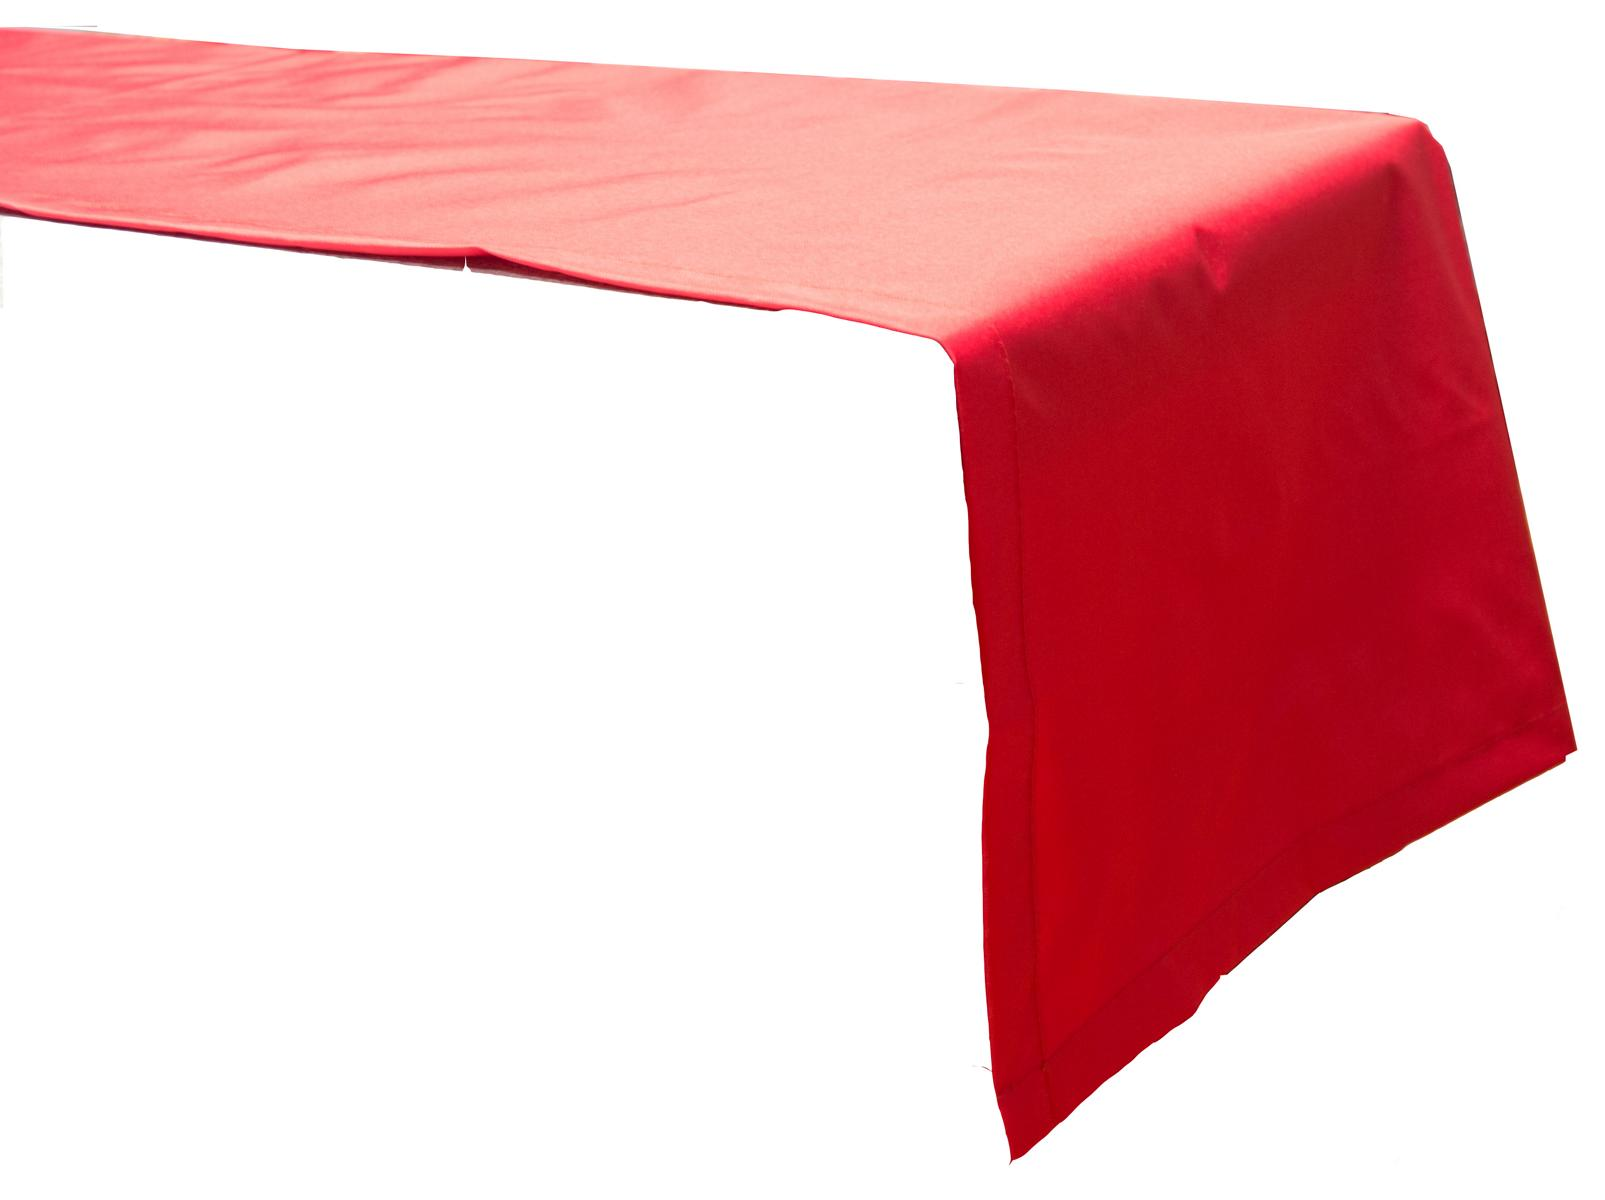 Tischläufer 120x45 cm wasserabweisend 100% Polyester in rot